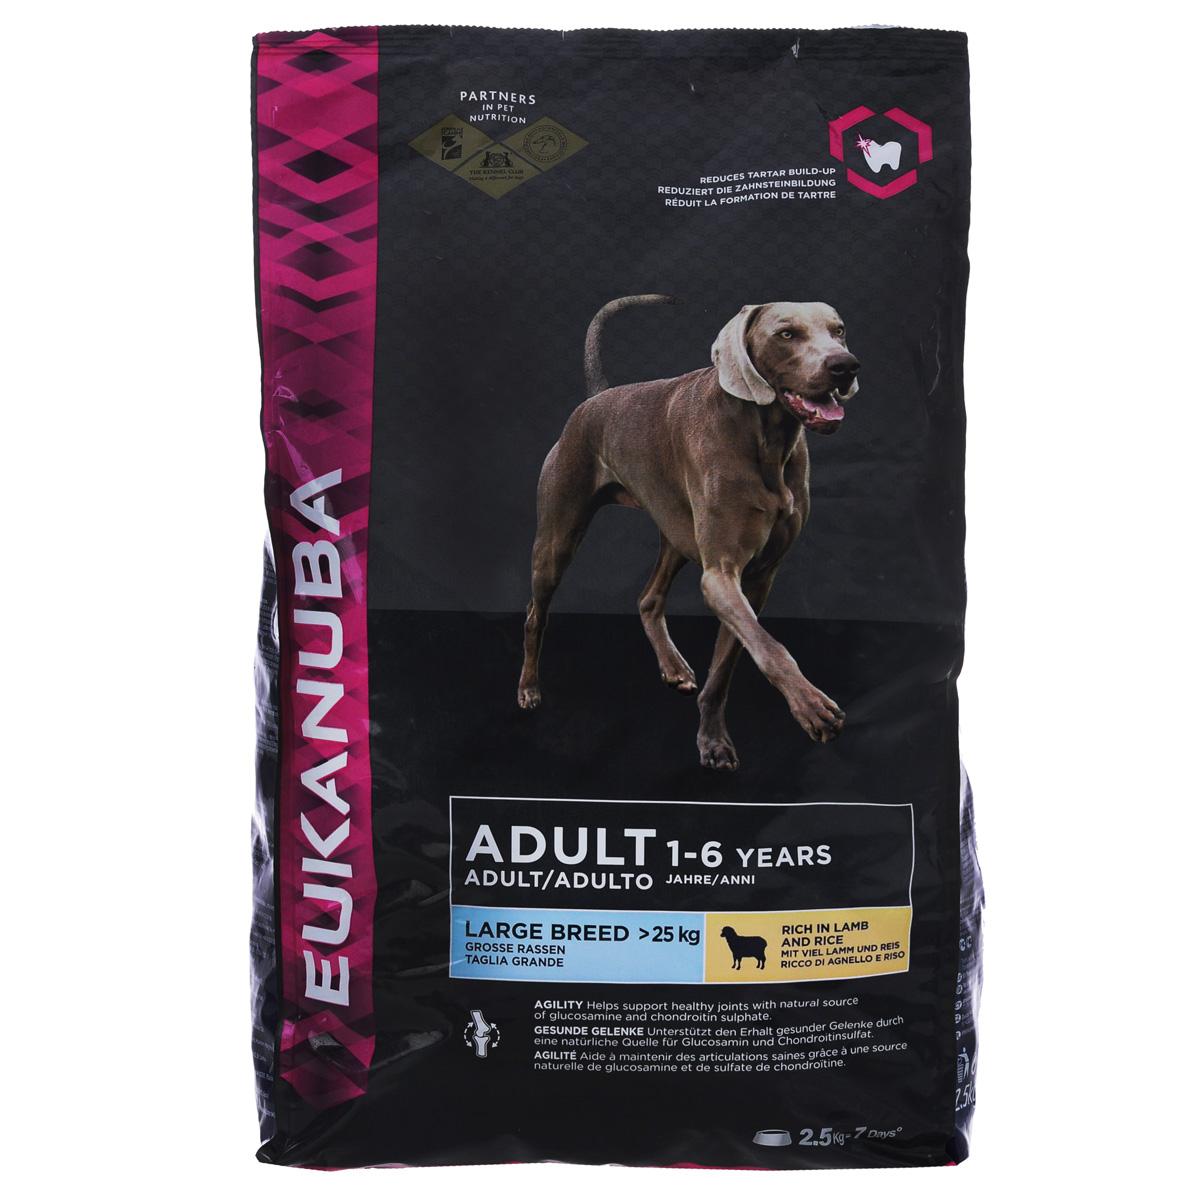 Корм сухой Eukanuba Adult Large Breed для взрослых собак крупных пород, ягненок, 12 кг81377707Сухой корм Eukanuba на основе мяса ягненка и риса - это полноценный сбалансированный корм для собак крупных пород (25-40 кг) в возрасте 1-6 лет и собак гигантских пород (более 40 кг) возрастом от 2 до 5 лет. Корм разработан для поддержания здоровья суставов. Не содержит искусственных красителей и ароматизаторов. Корм имеет большое содержание мяса ягненка, что содействует построению и сохранению мускулатуры для наилучшей физической формы. В составе корма содержатся компоненты только самого высокого качества, тщательно подобранные для обеспечения 100% полноценного и сбалансированного питания. Корм Eukanuba использует клинически испытанные ингредиенты в 6 ключевых направлениях: - Надежная защита. Антиоксиданты поддерживают естественную защиту организма. - Кожа и шерсть. Оптимальное соотношение омега-6 и -3 жирных кислот для поддержания здоровой кожи и блестящей шерсти. - Крепкие мышцы. Животные белки способствуют укреплению и...